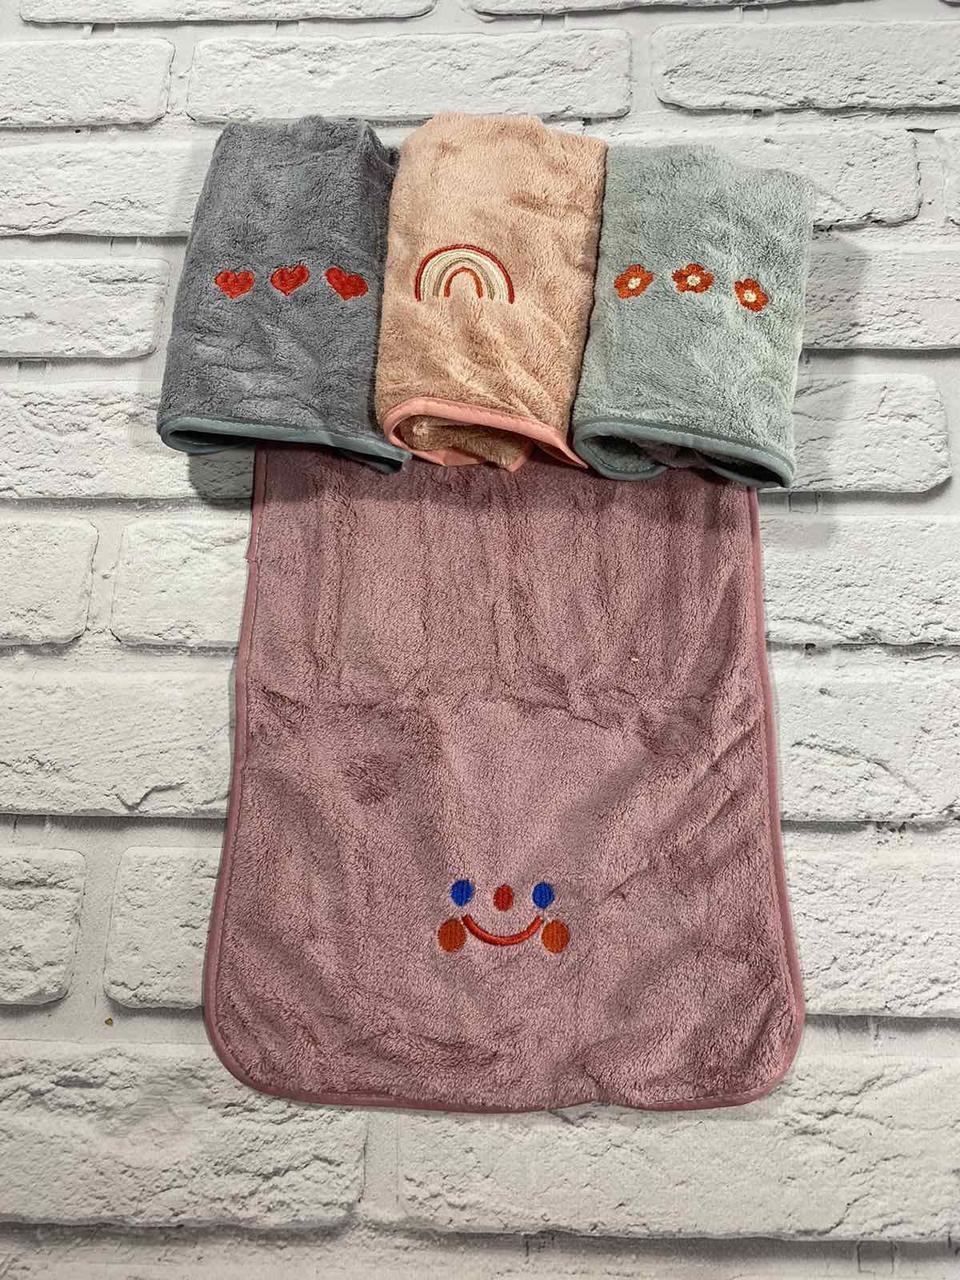 Набор  кухонных полотенец Микрофибра  плотная Р.р 25*50 см 4 шт